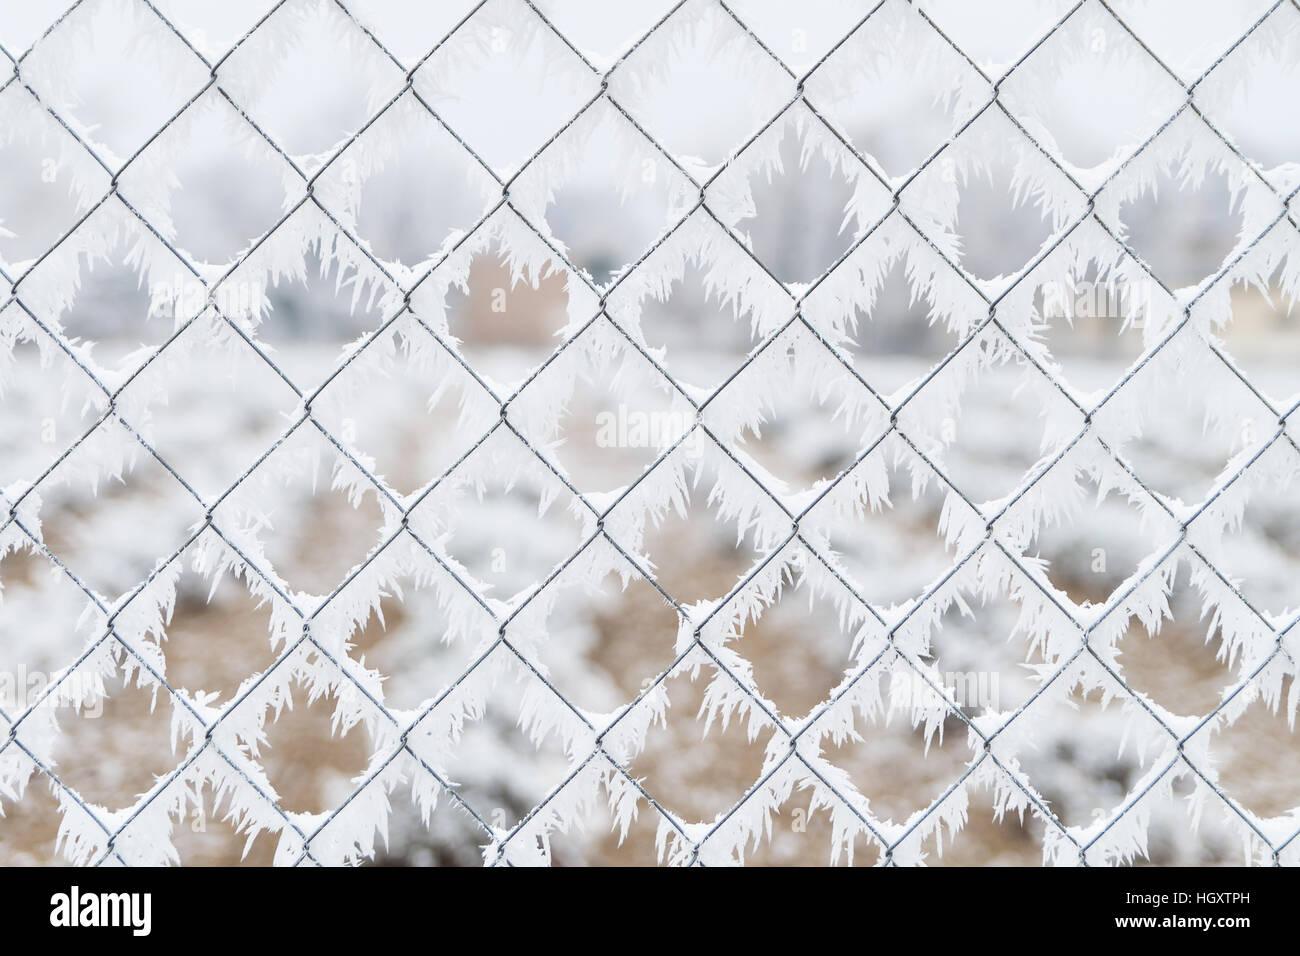 Gefrorene Netz Zaundrähte mit Eis im Winter Hintergrund Stockbild